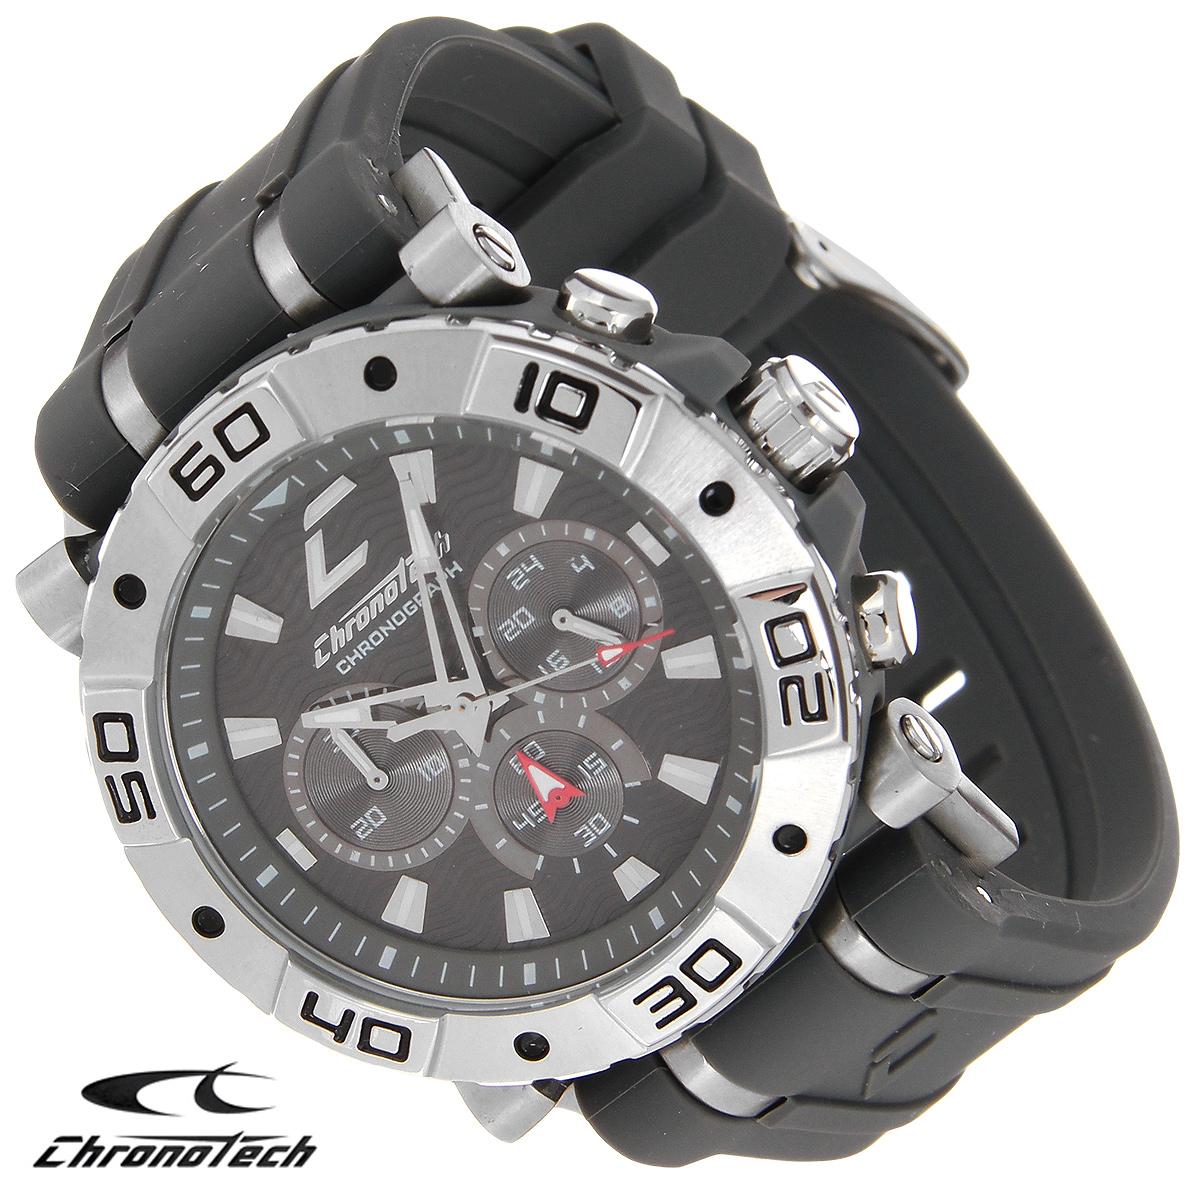 Часы мужские наручные Chronotech, цвет: серый. RW0036RW0036Часы Chronotech - это часы для современных и стильных людей, которые стремятся выделиться из толпы и подчеркнуть свою индивидуальность. Корпус часов выполнен из нержавеющей стали. Циферблат оформлен отметками и защищен минеральным стеклом. Часы имеют три стрелки - часовую, минутную и секундную. Стрелки и отметки светятся в темноте. Ремешок часов выполнен из каучука и застегивается на классическую застежку. Часы выполнены в спортивном стиле. Часы упакованы в фирменную коробку с логотипом компании Chronotech. Такой аксессуар добавит вашему образу стиля и подчеркнет безупречный вкус своего владельца. Характеристики: Диаметр циферблата: 3,3 см. Размер корпуса: 4,5 см х 4 см х 1 см. Длина ремешка (с корпусом): 24,5 см. Ширина ремешка: 2,4 см.